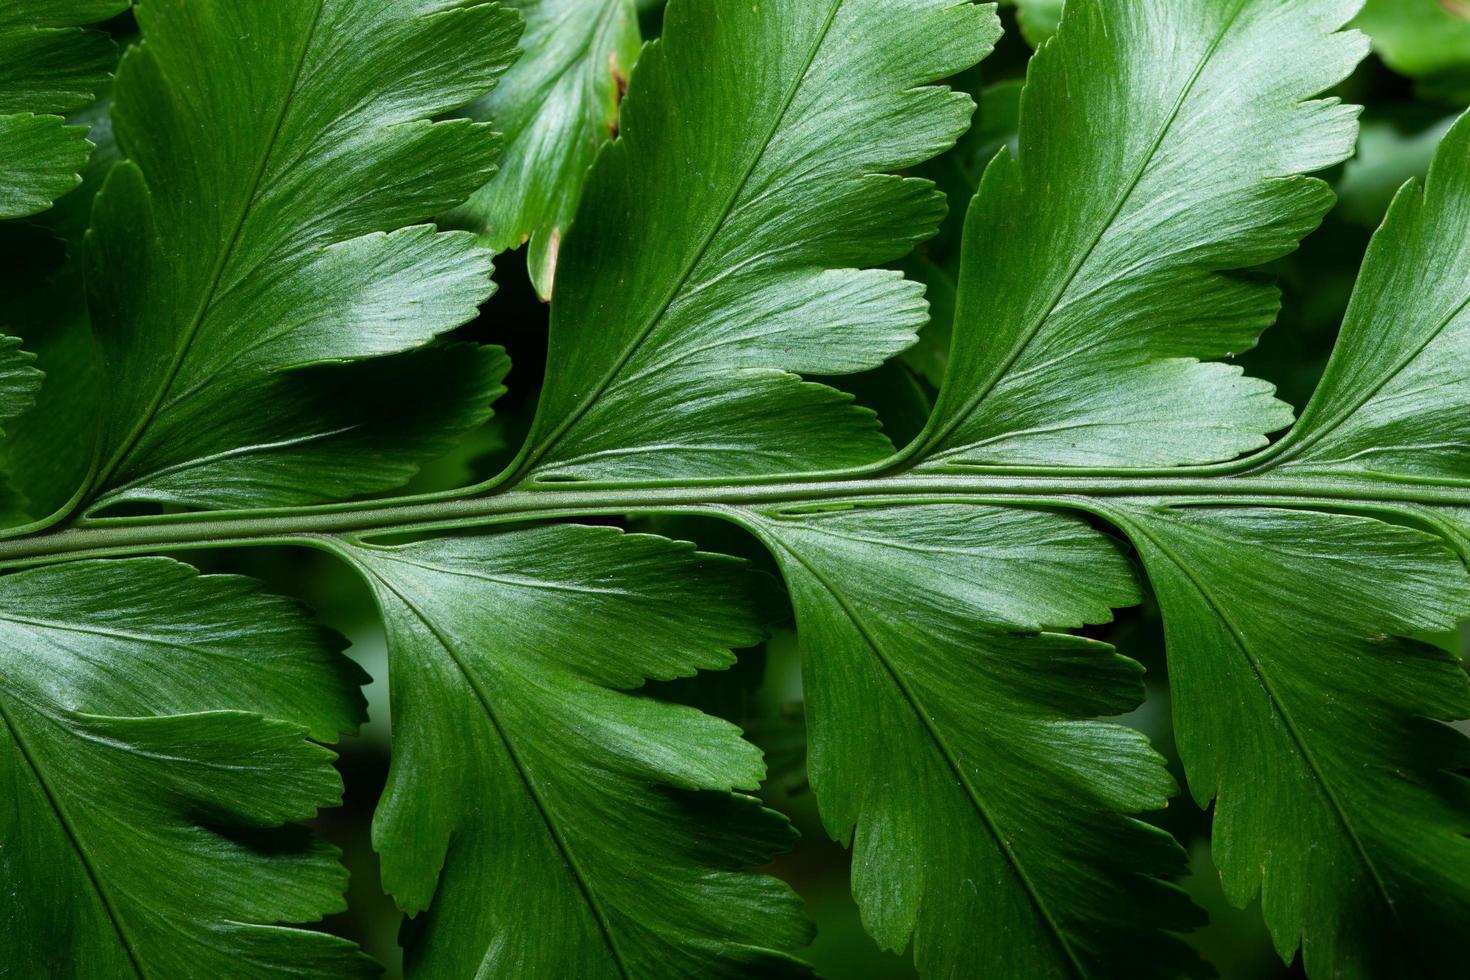 grönt blad bakgrund, närbild foto